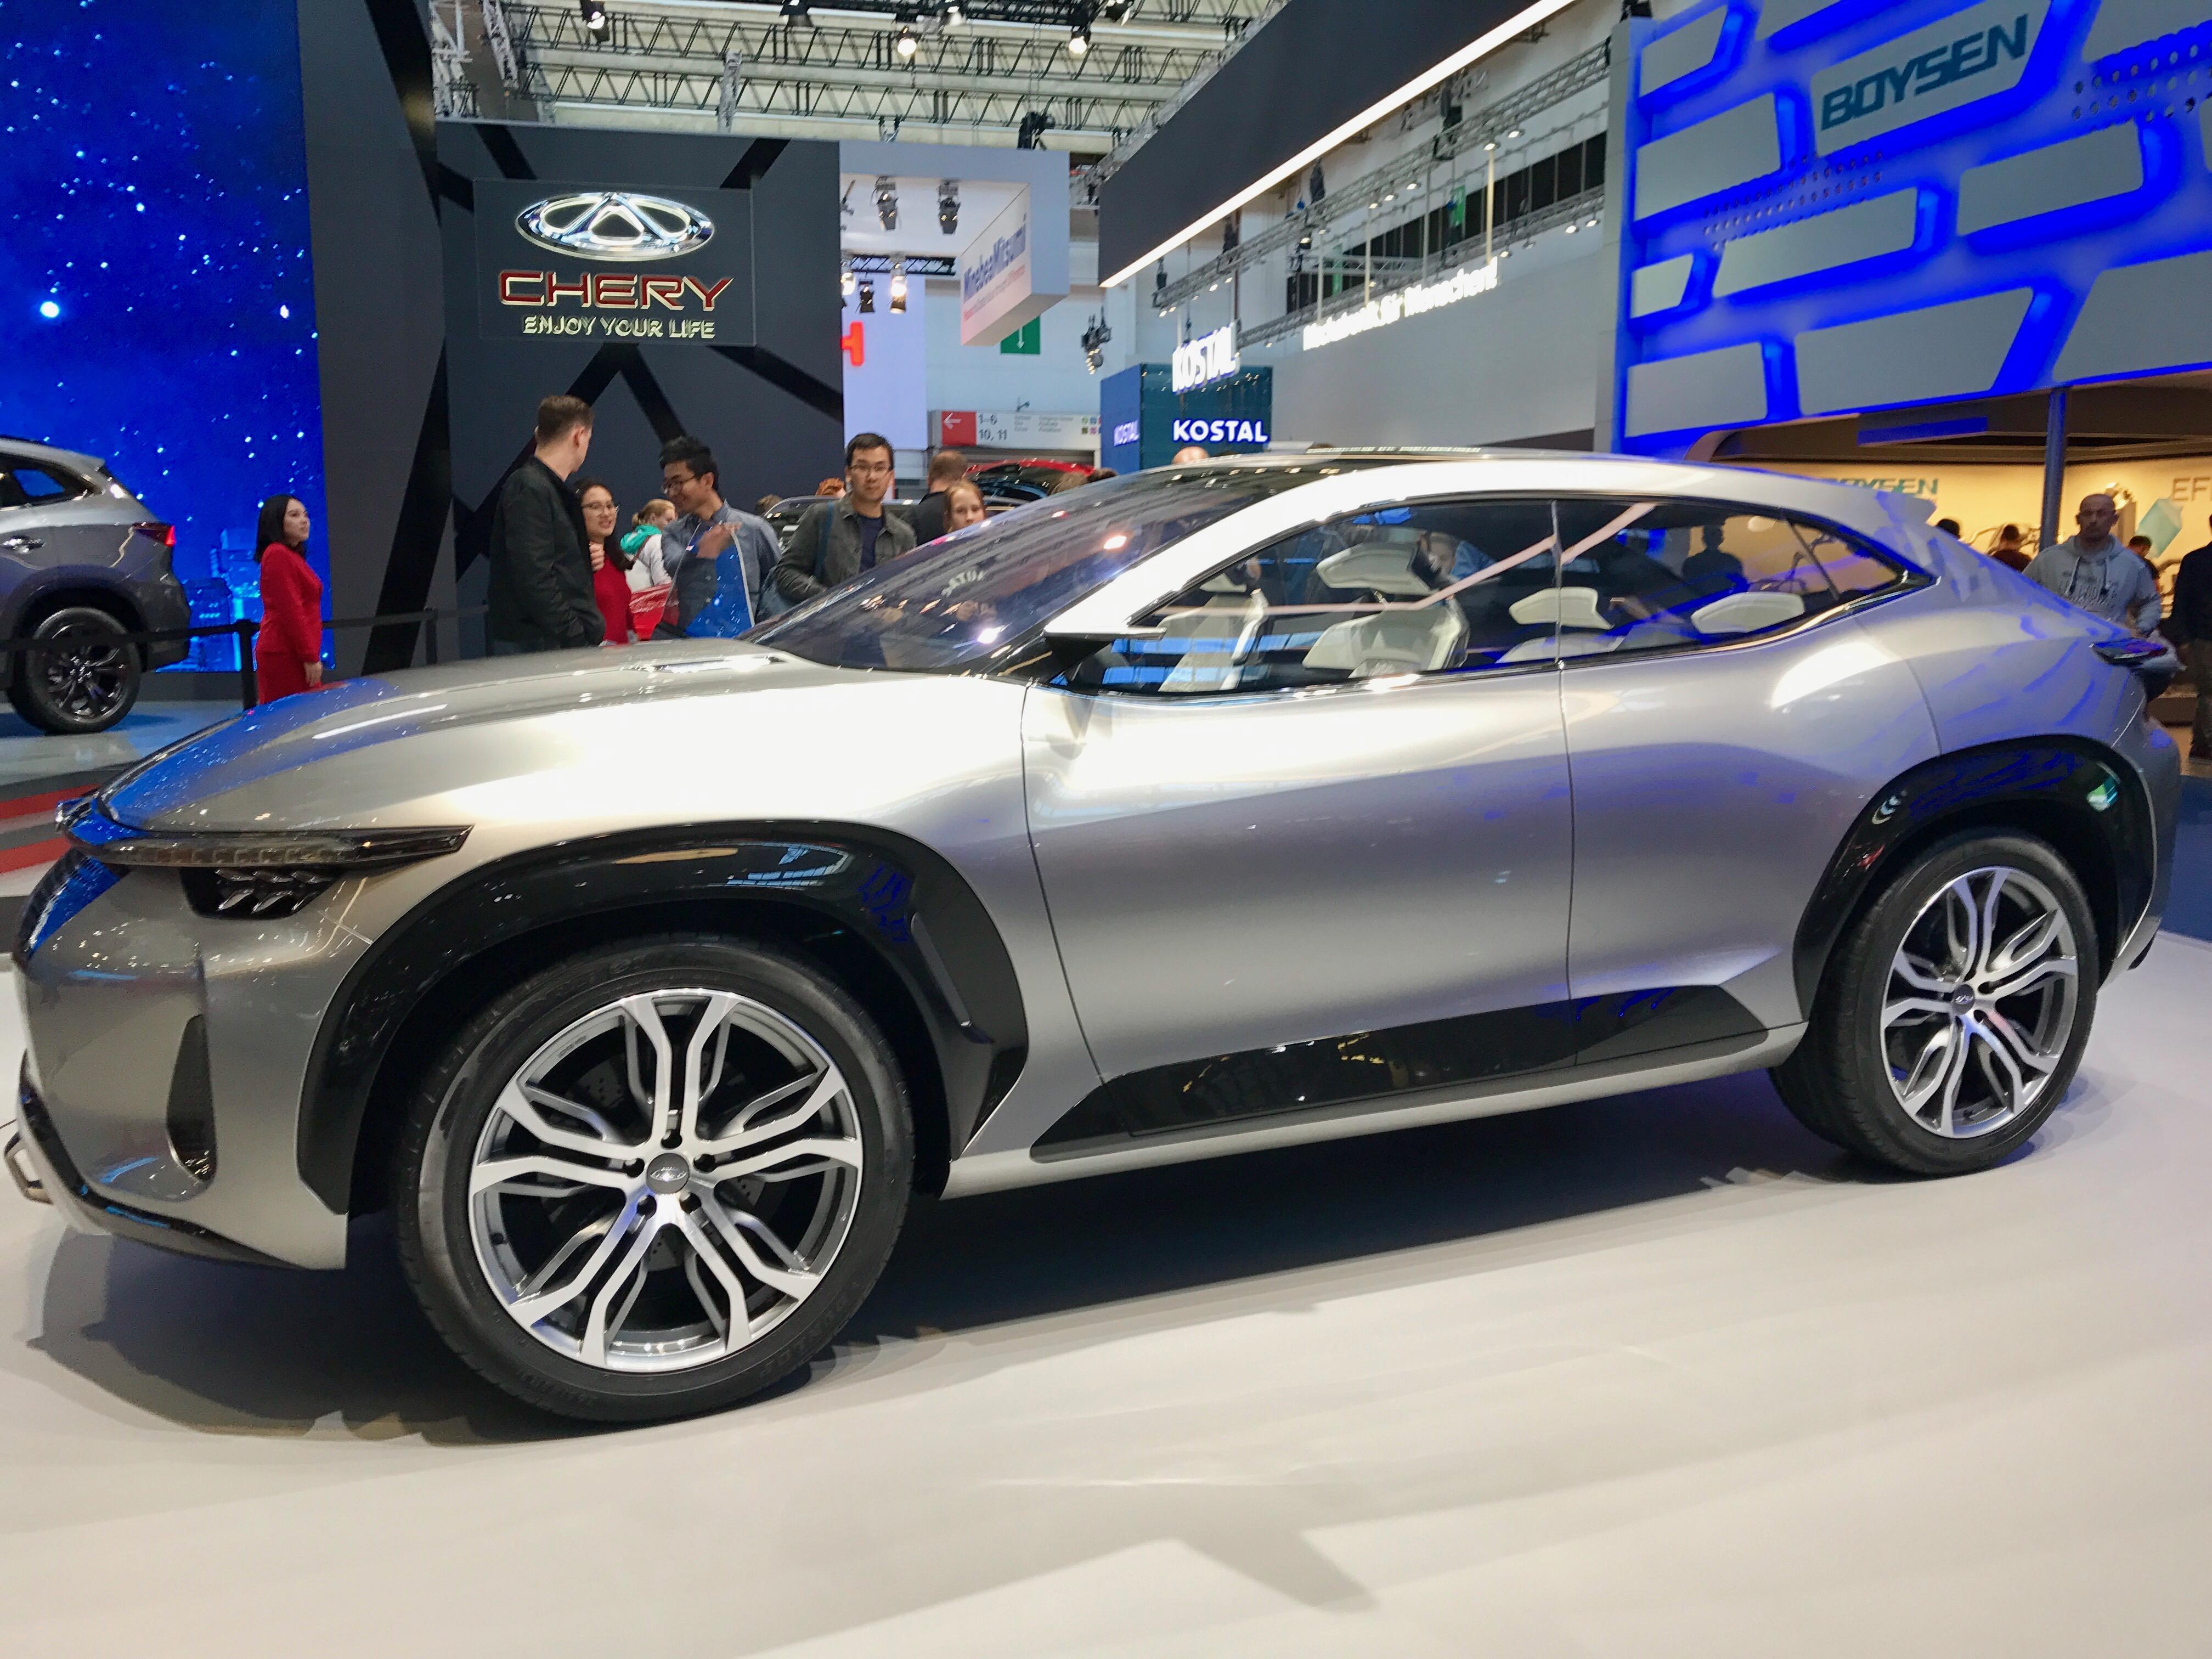 Kiinalaiset automerkit esittelivät Frankfurtin IAA2017 messuilla Eurooppaan pian tulossa olevia sähköautoja